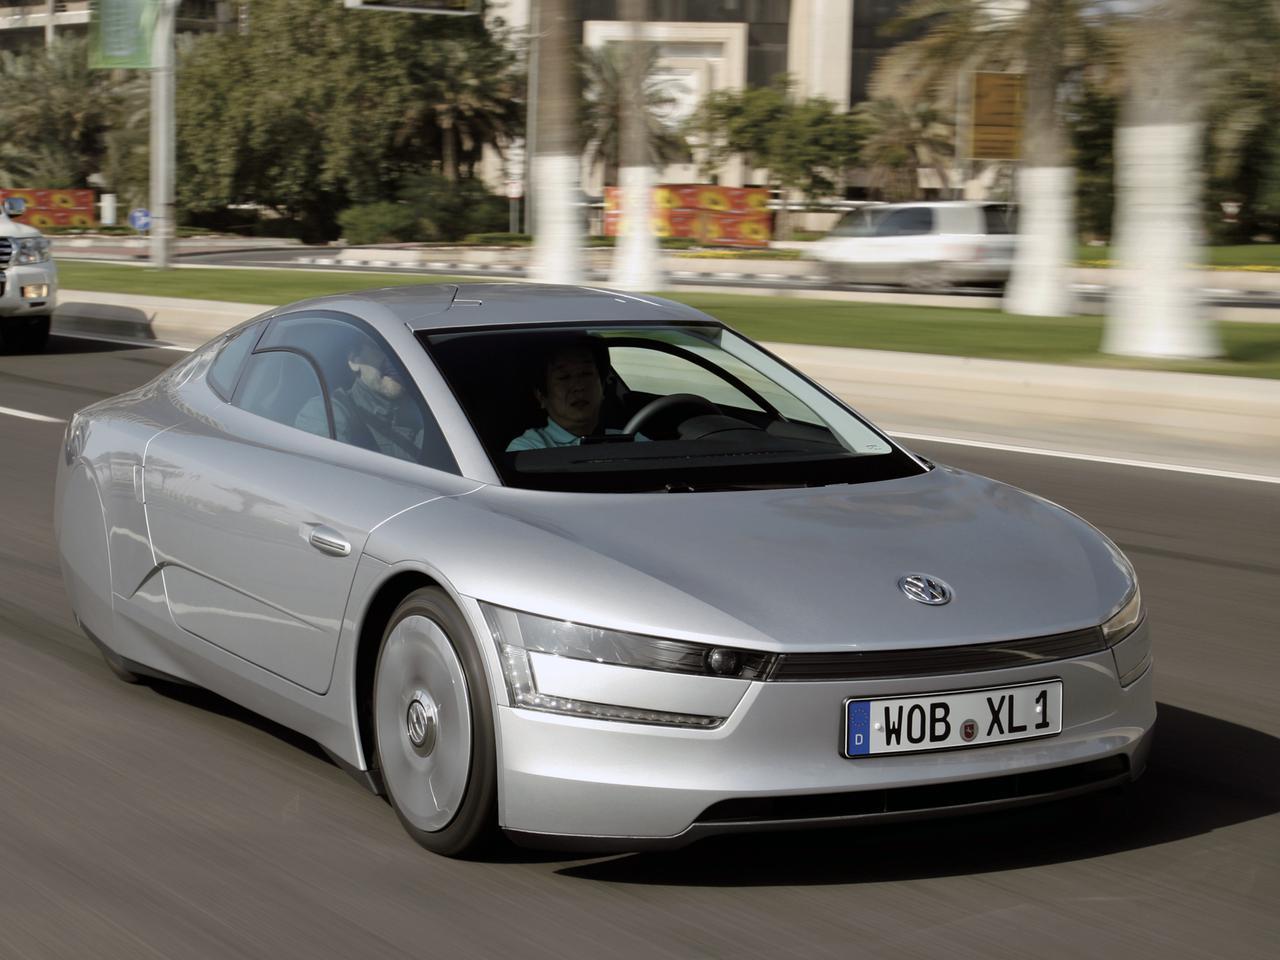 フォルクスワーゲン XL1の燃費はケタ違い。ドイツで限定販売されたコンセプトカー【10年ひと昔の新車】